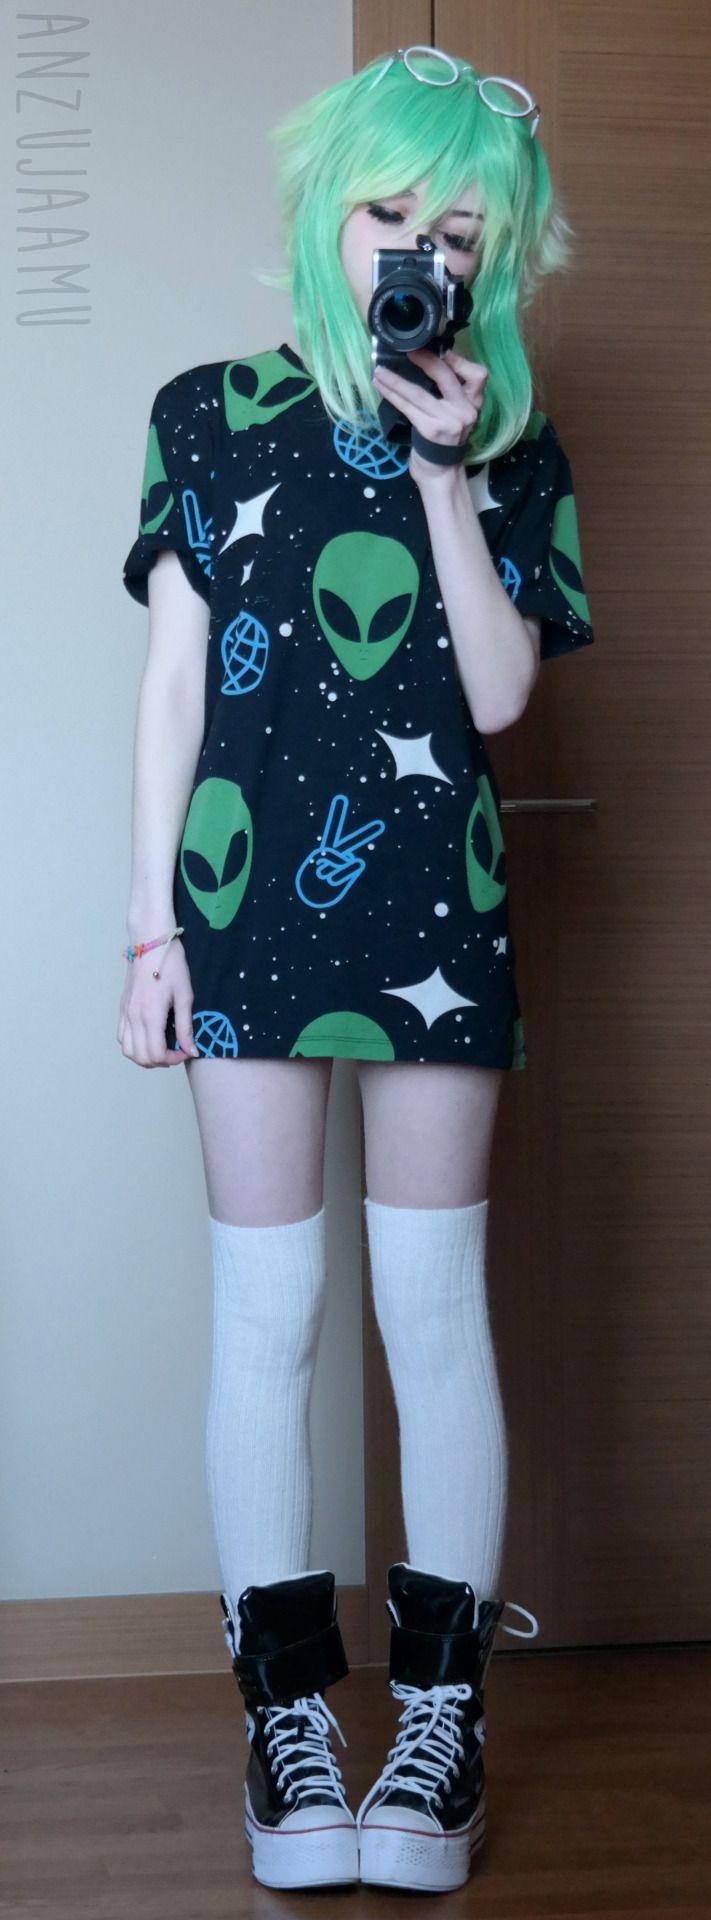 Um vestido de outro mundo!                                                                                                                                                                                 Mais